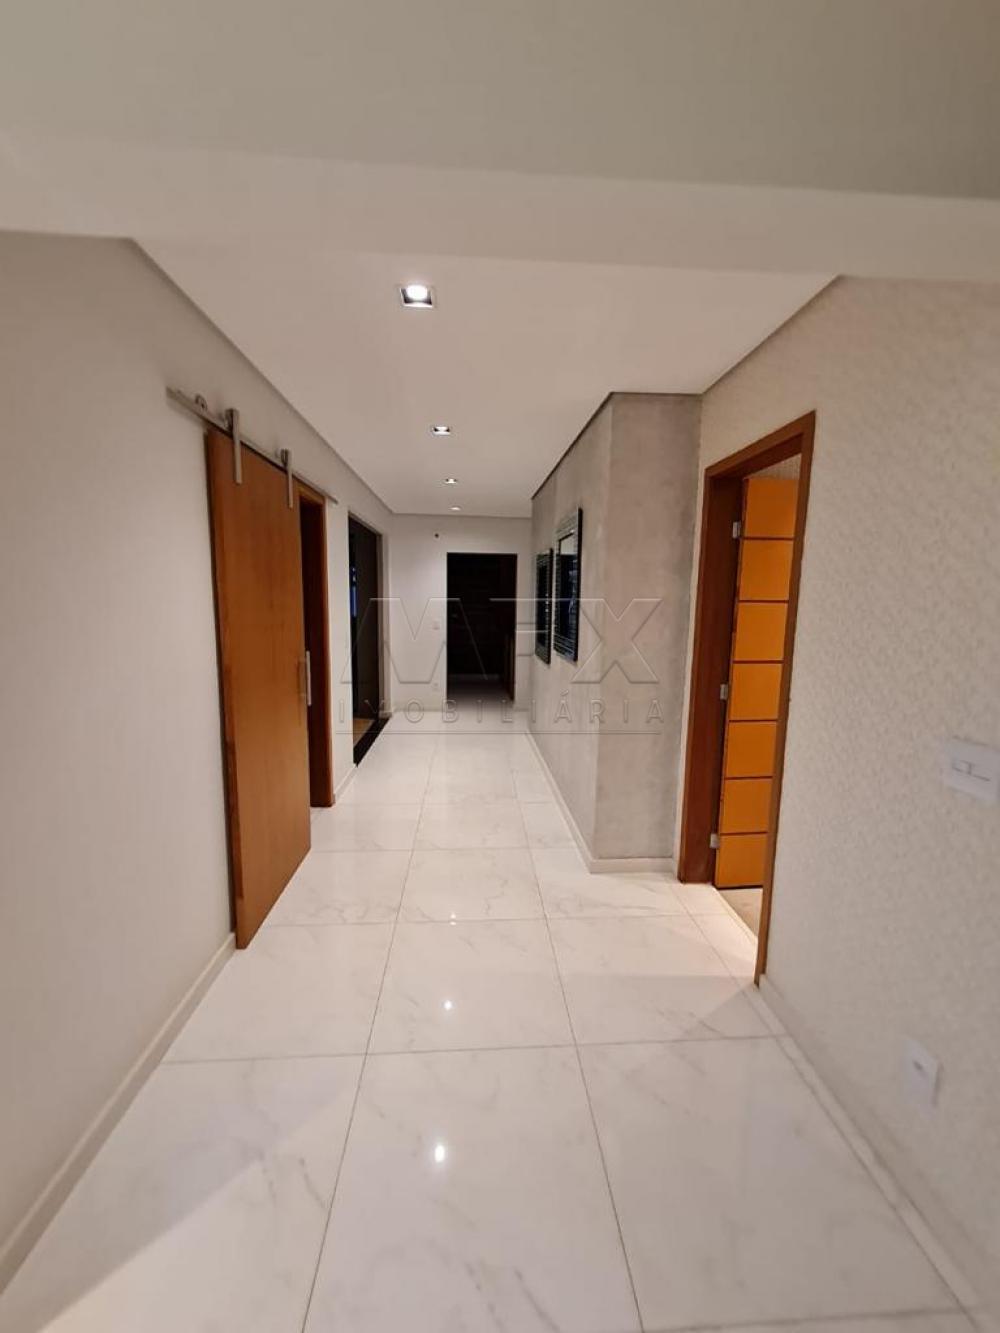 Comprar Casa / Padrão em Bauru R$ 950.000,00 - Foto 28